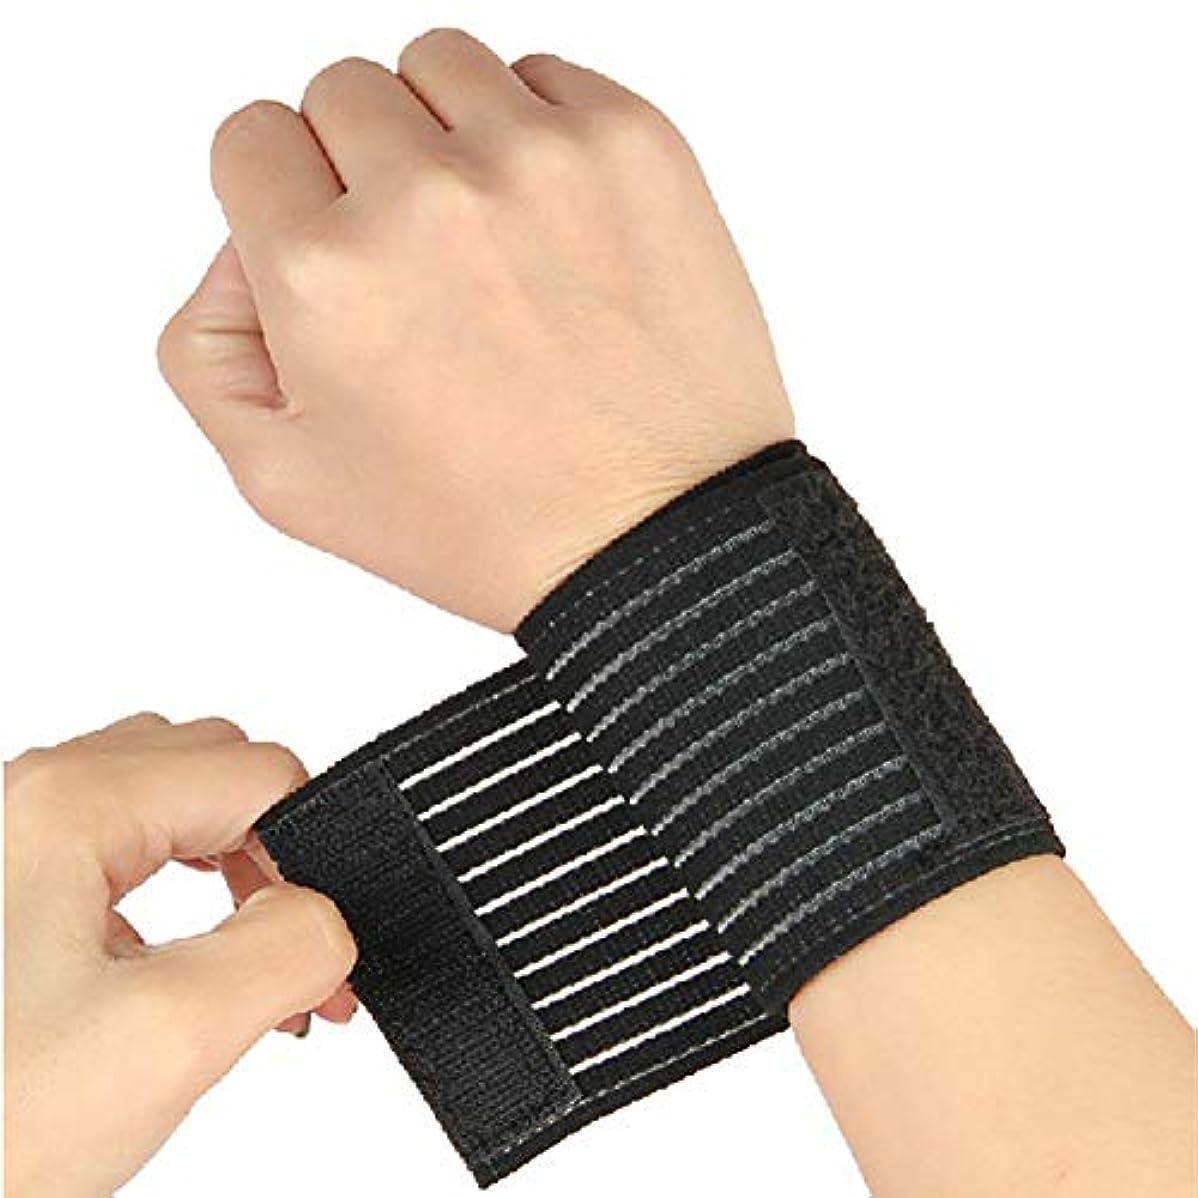 シンプルさ電池反響する保護やスポーツ手首ブレースガードのための1対の弾性包帯スポーツリストバンドを手アウトドアスポーツ傷害包帯アジャスタブルリストバンド弾性エルボーラップ